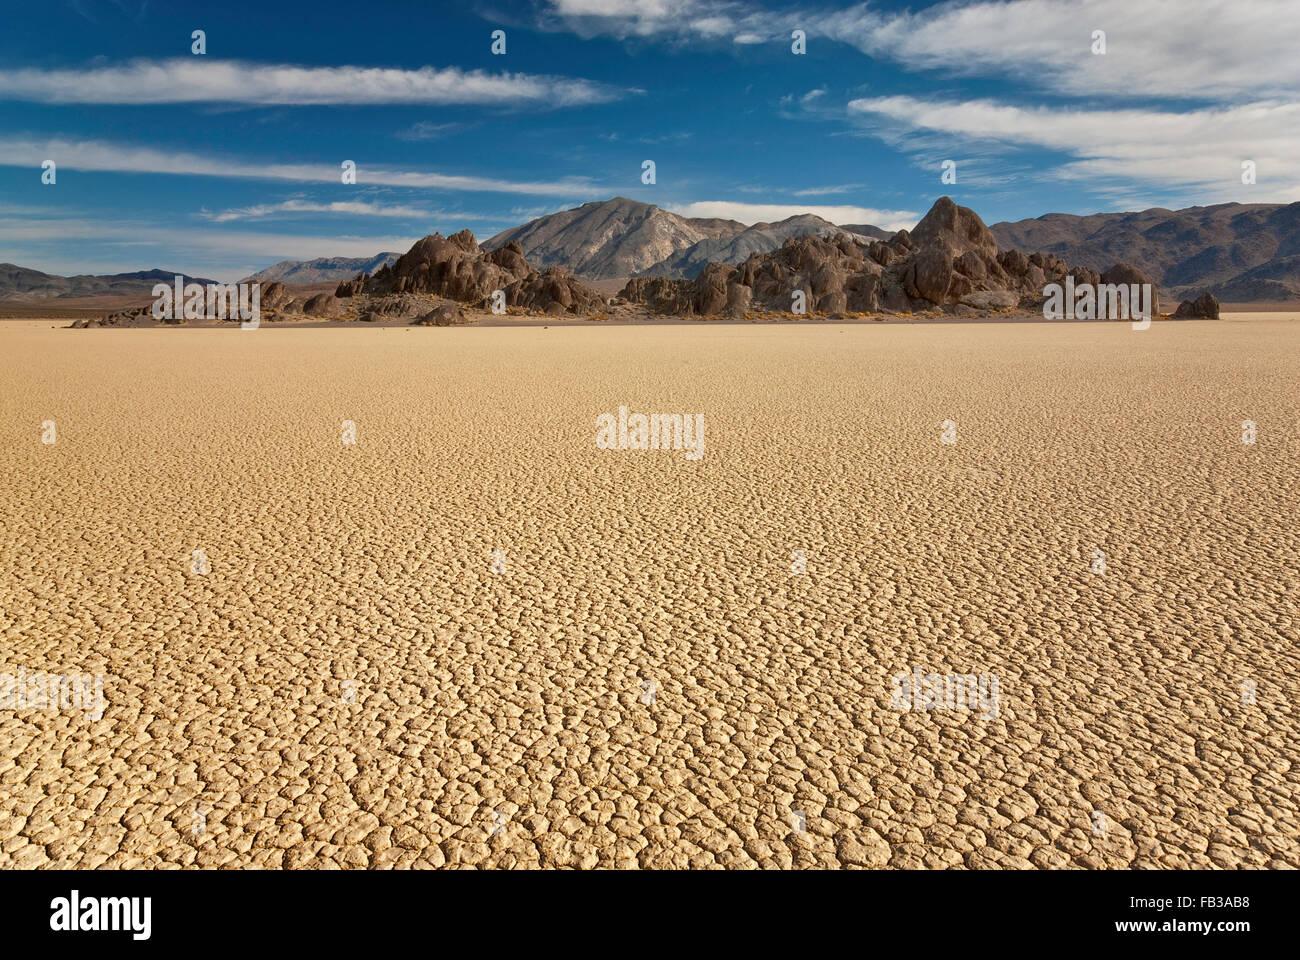 Die Tribüne Rock, The Racetrack trocken Seegrund, Cottonwood Mountains in Dist, Death Valley Nationalpark, Stockbild